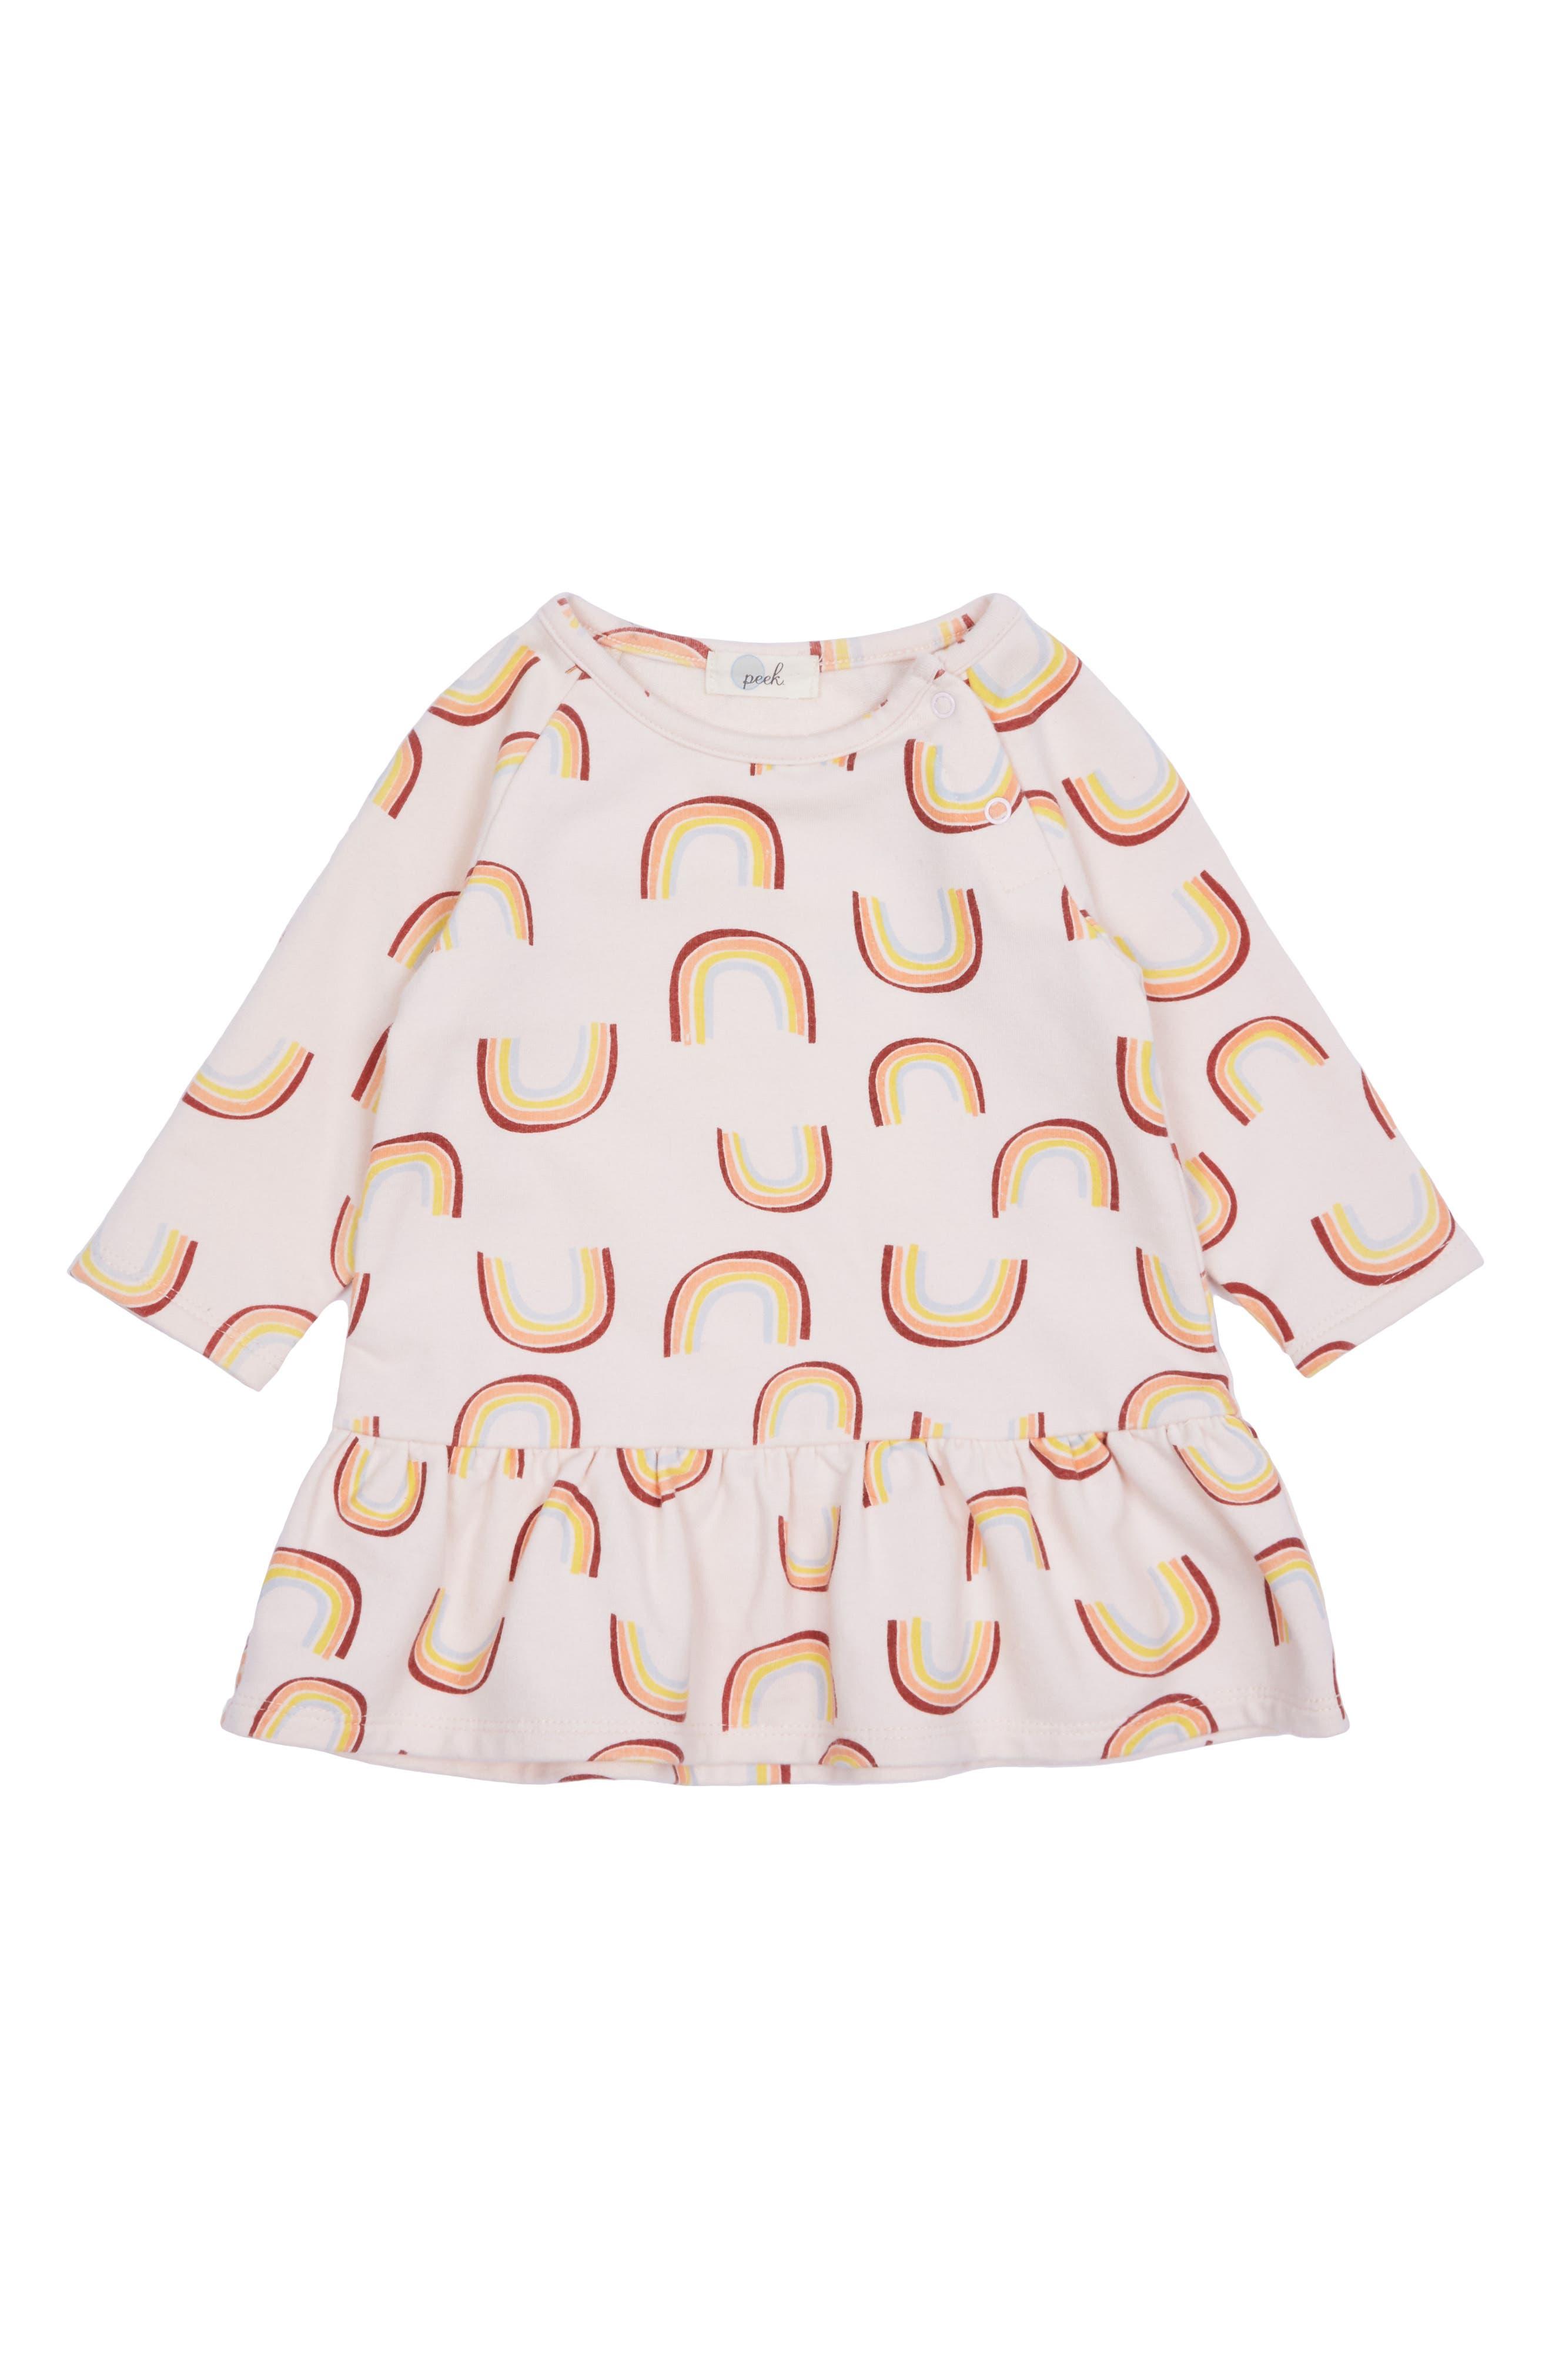 Image of PEEK ESSENTIALS Elliot Rainbow Dress